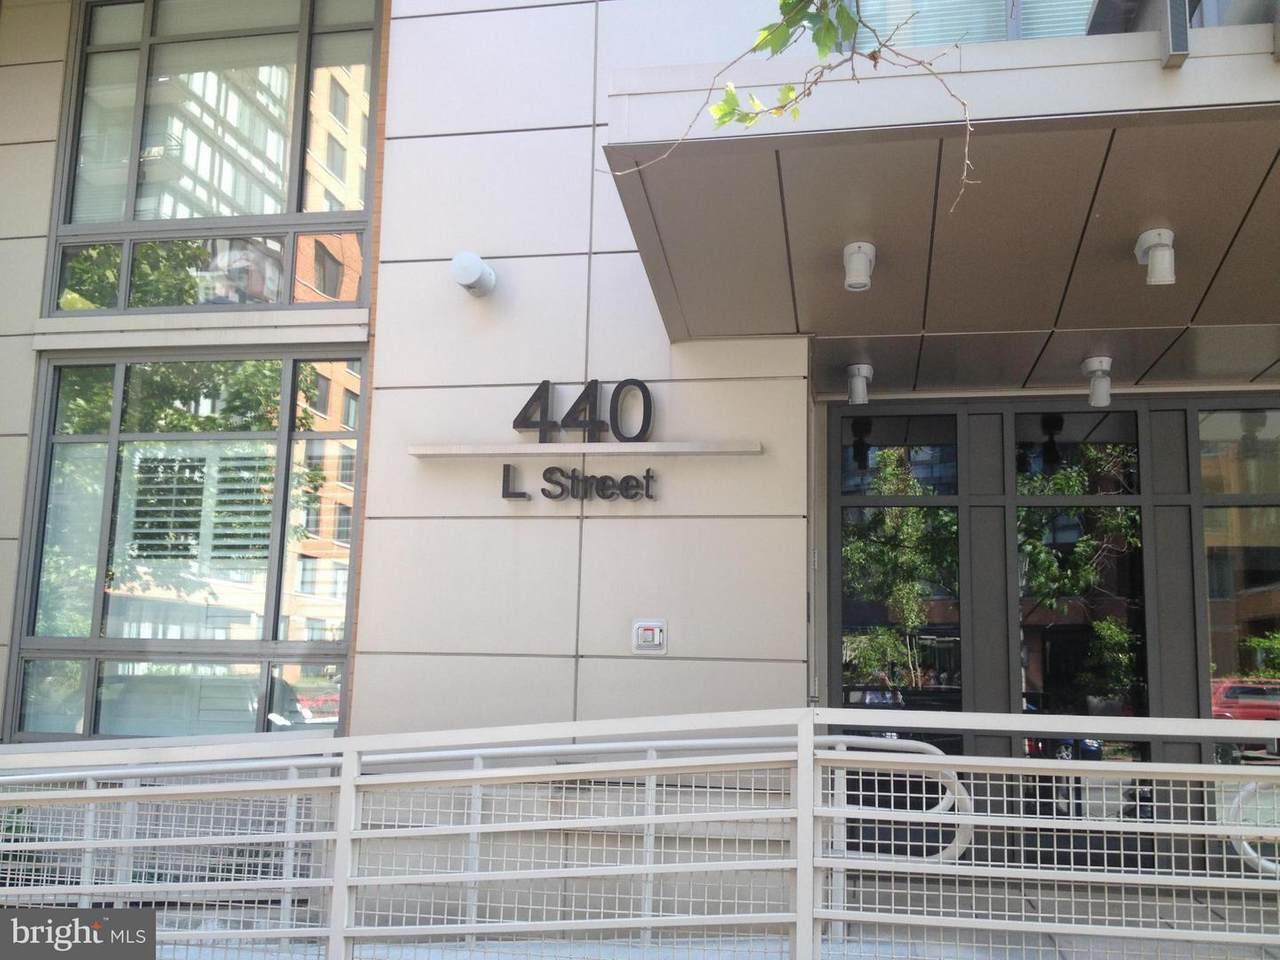 440 L Street - Photo 1